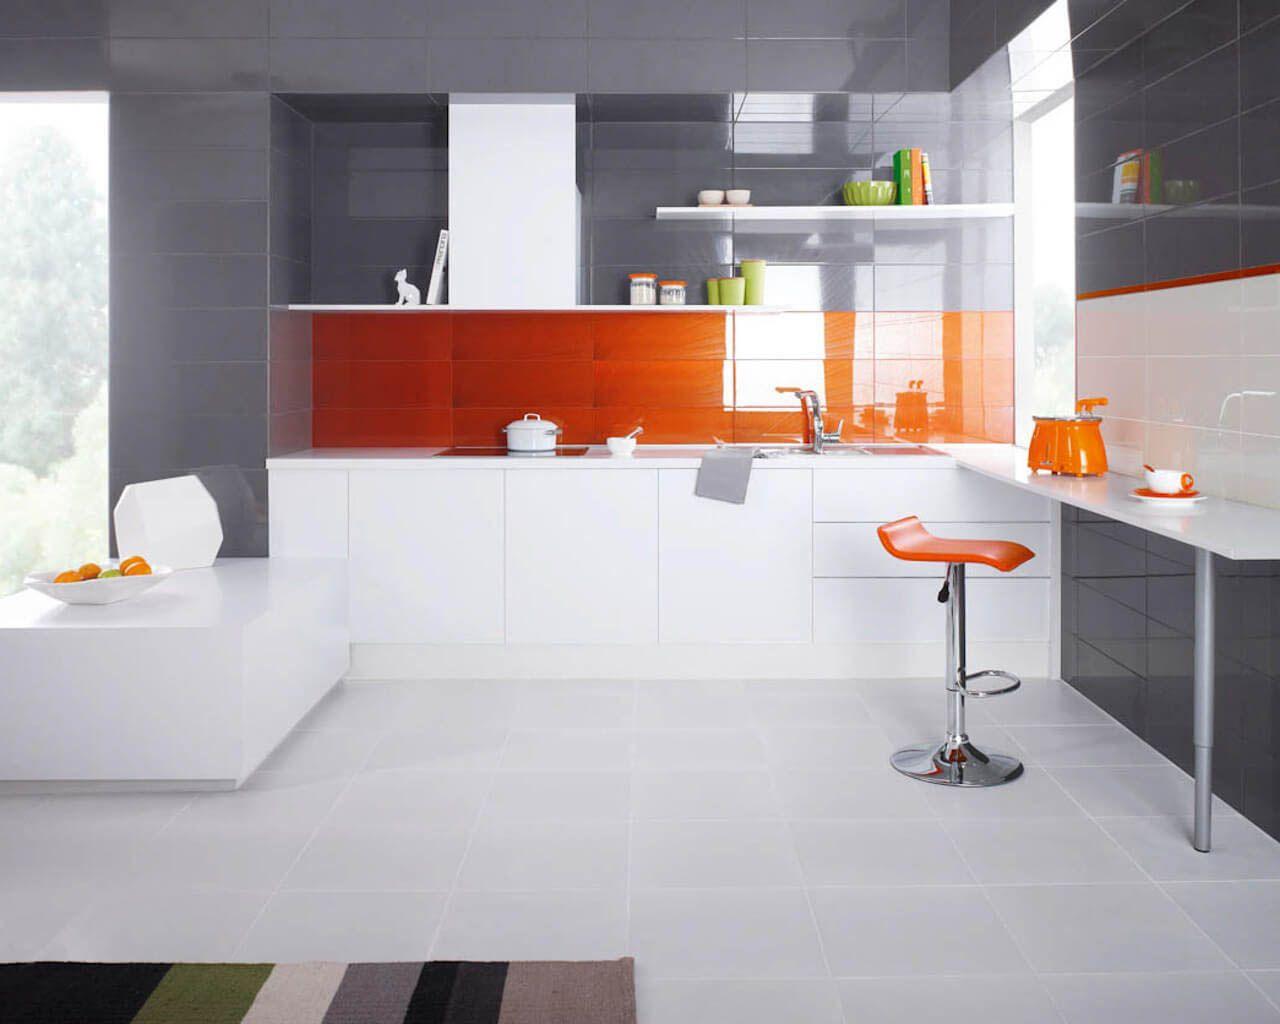 Grau, Weiß und Orange in einer großen, modernen Küche ...